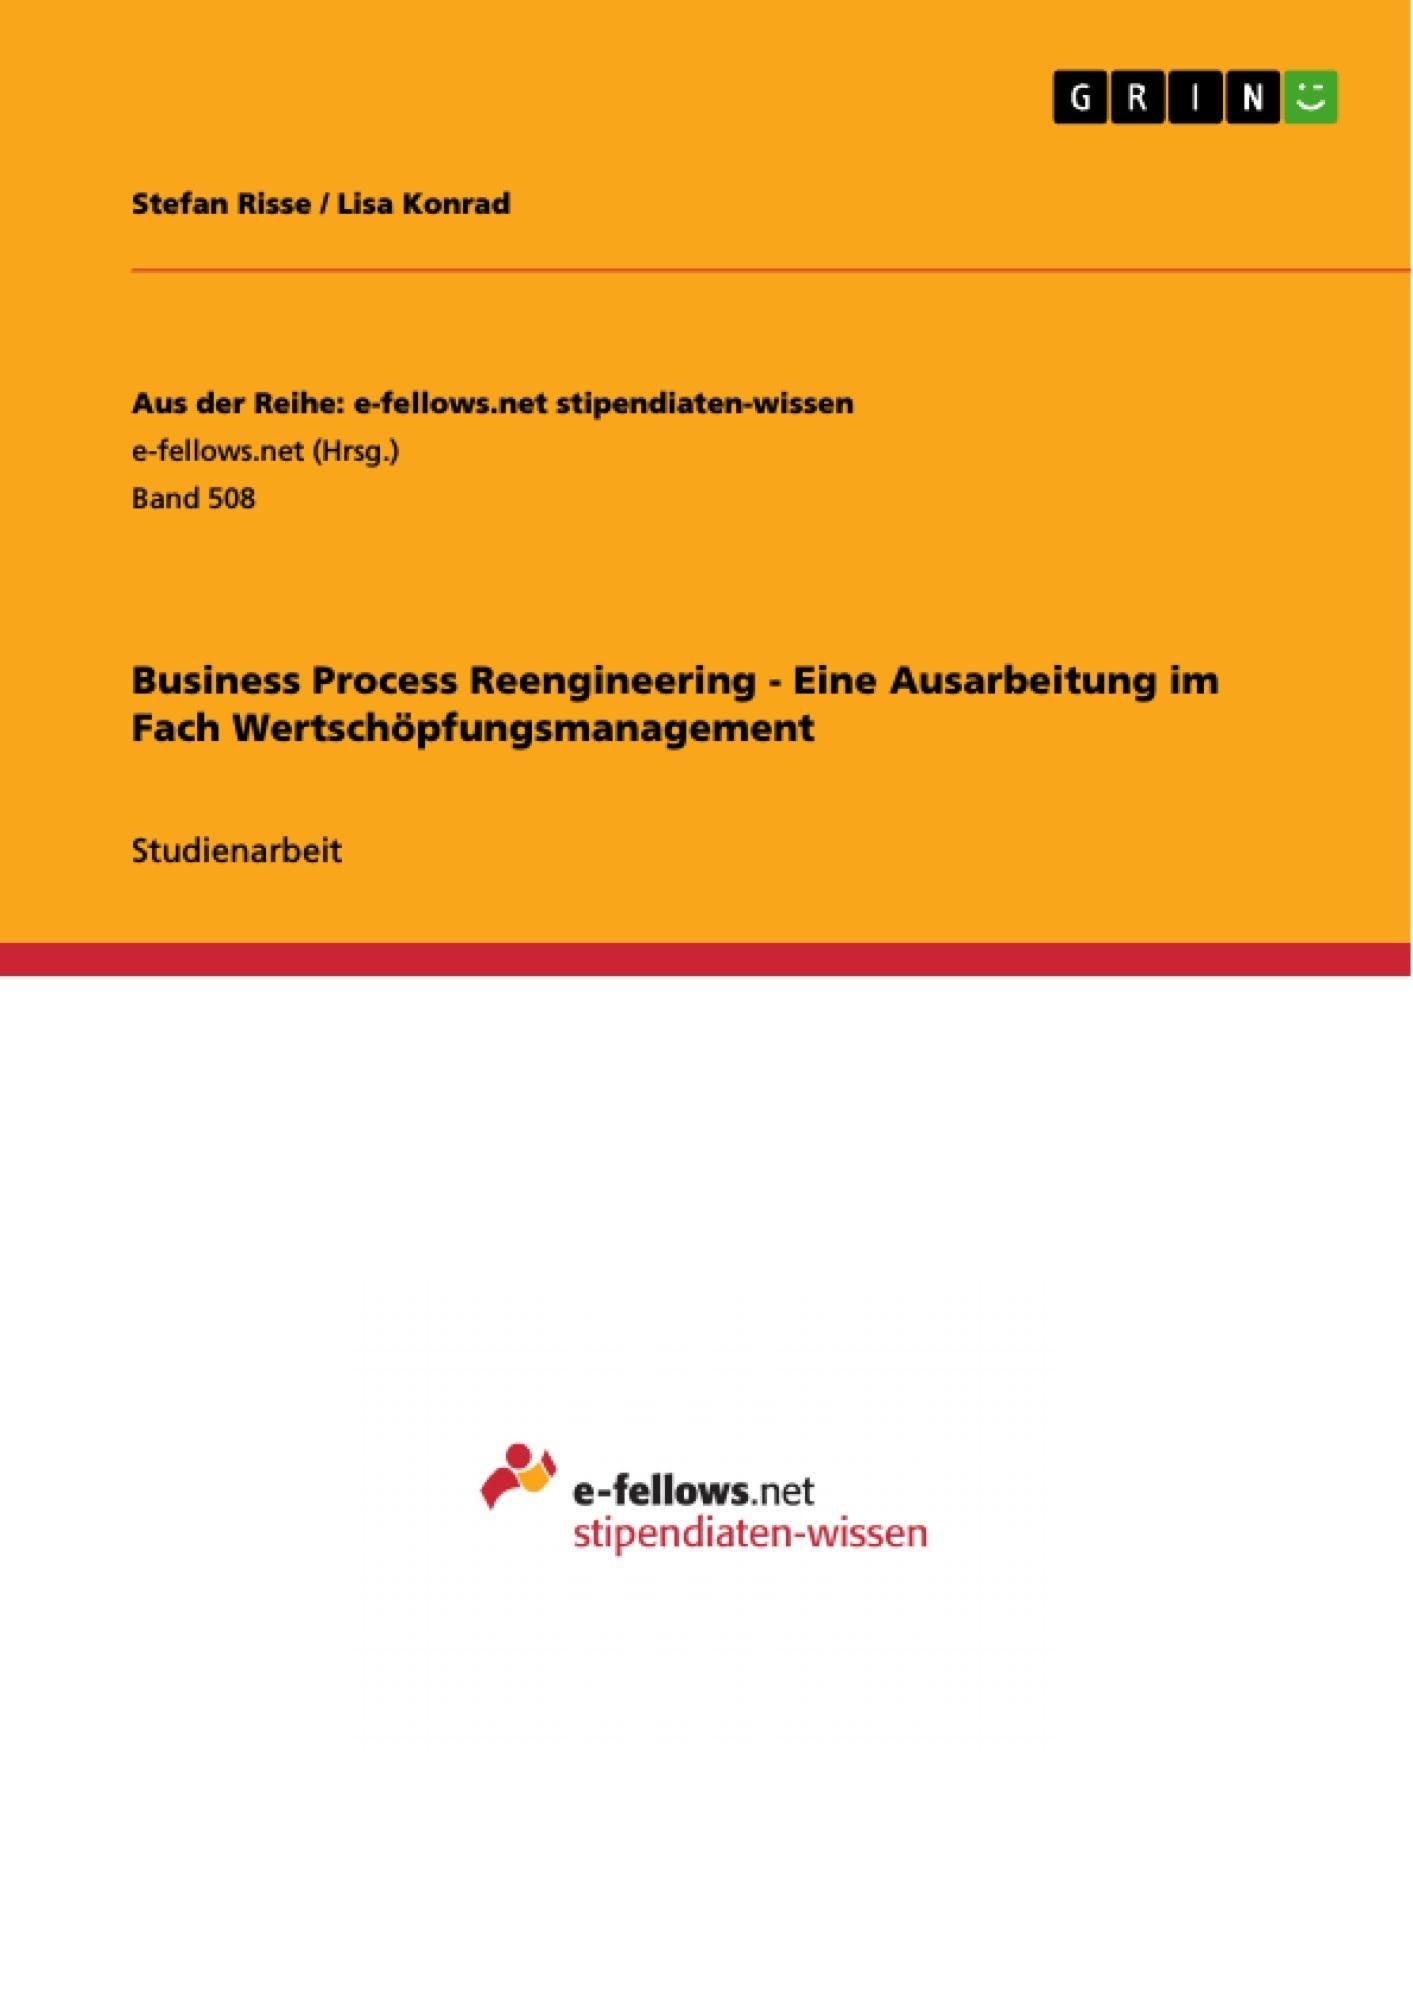 Titel: Business Process Reengineering - Eine Ausarbeitung im Fach Wertschöpfungsmanagement